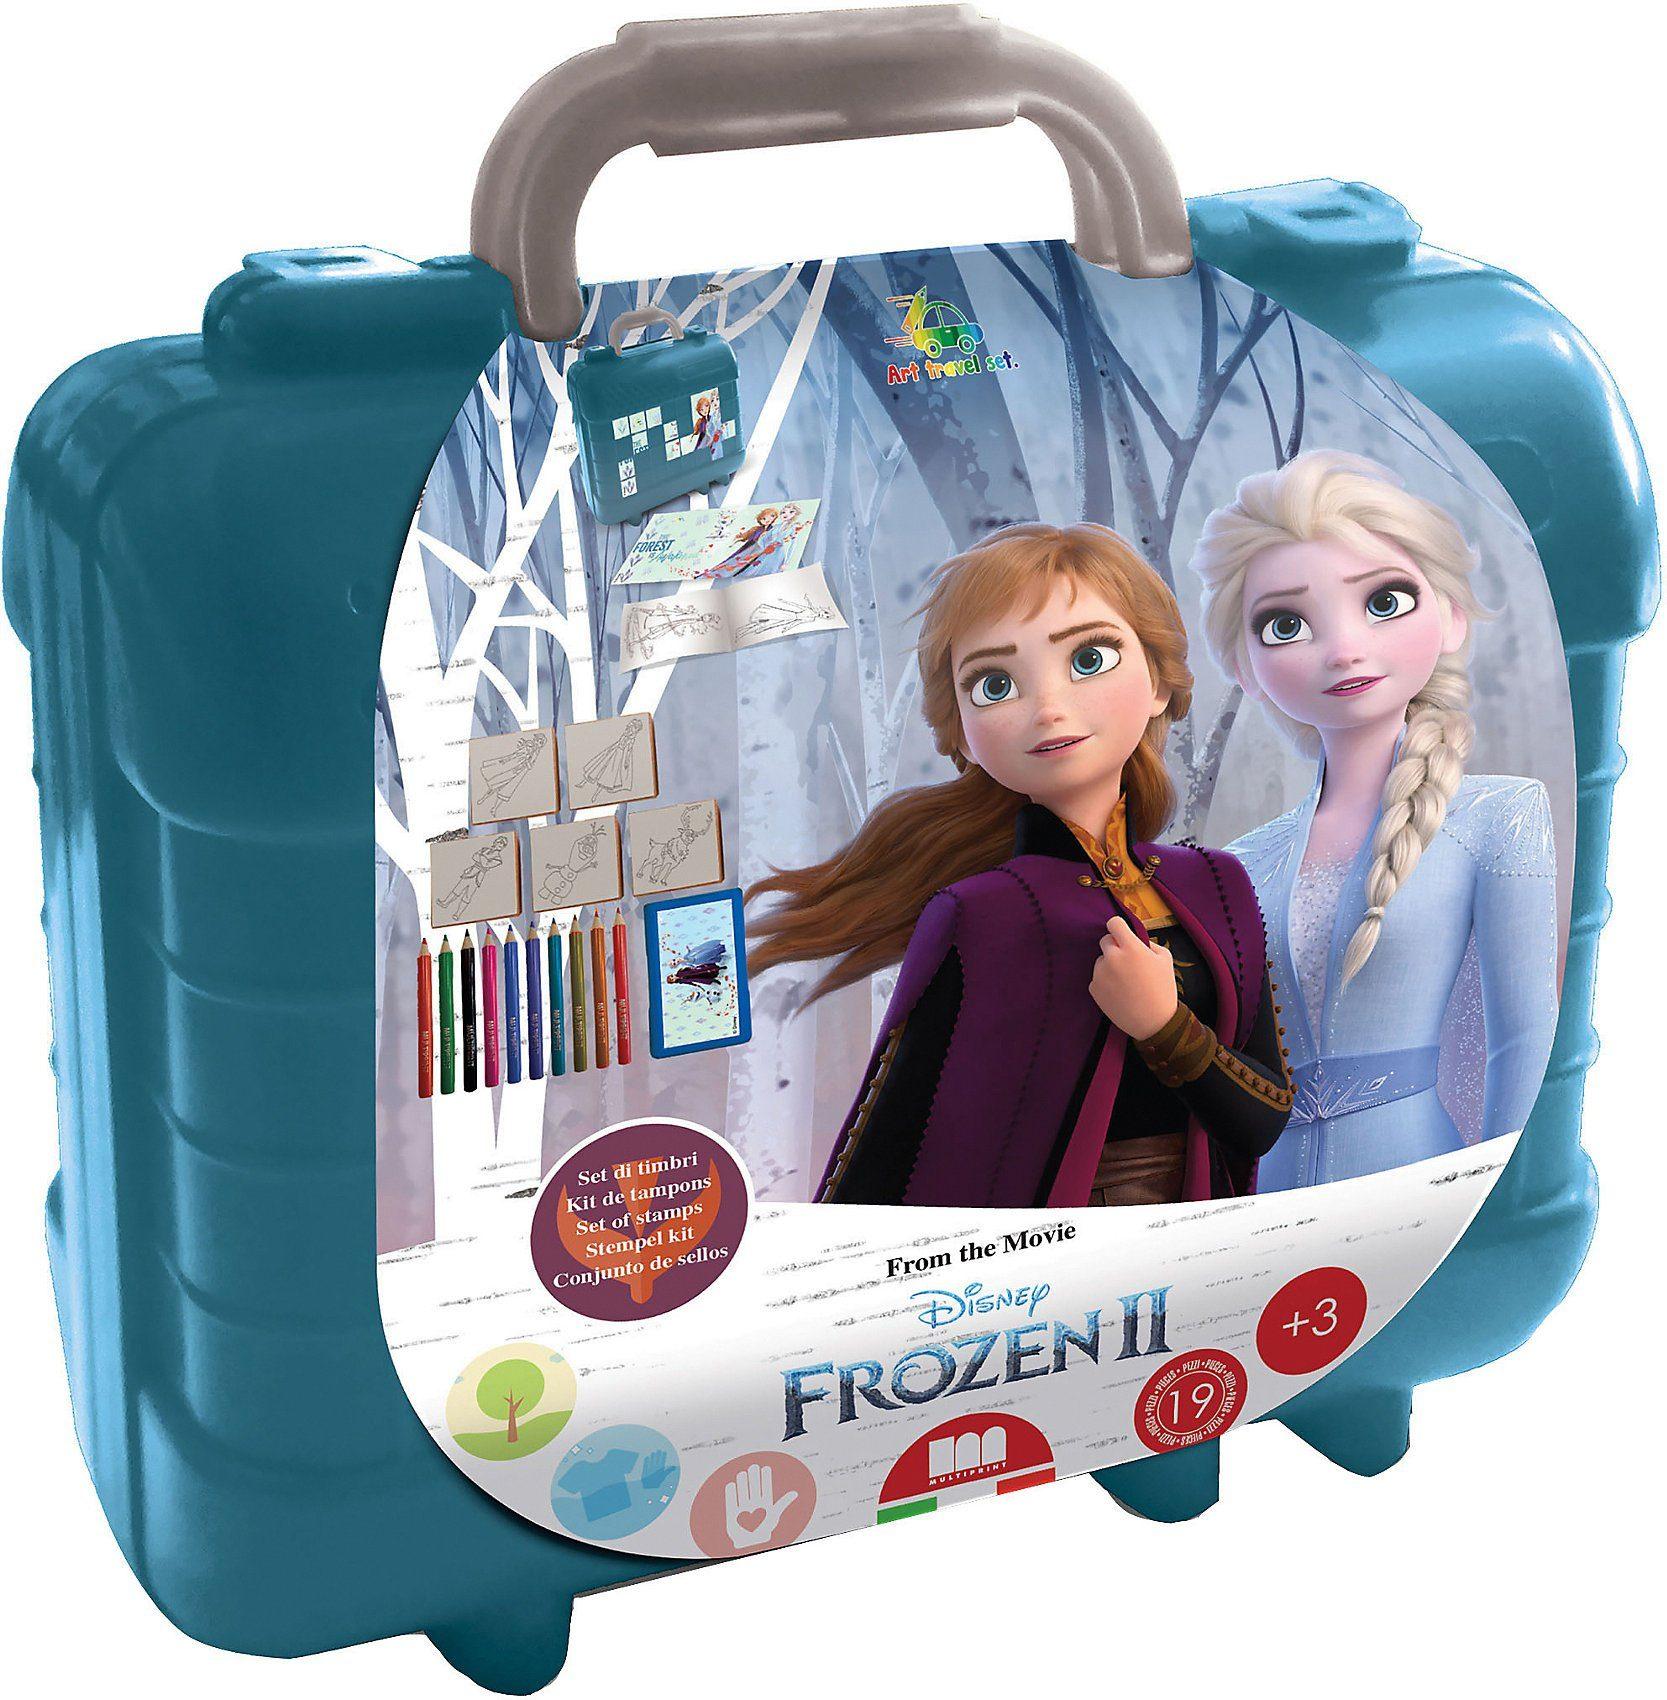 Disney Frozen Malvorlage »Frozen 2 Travel Set Malset